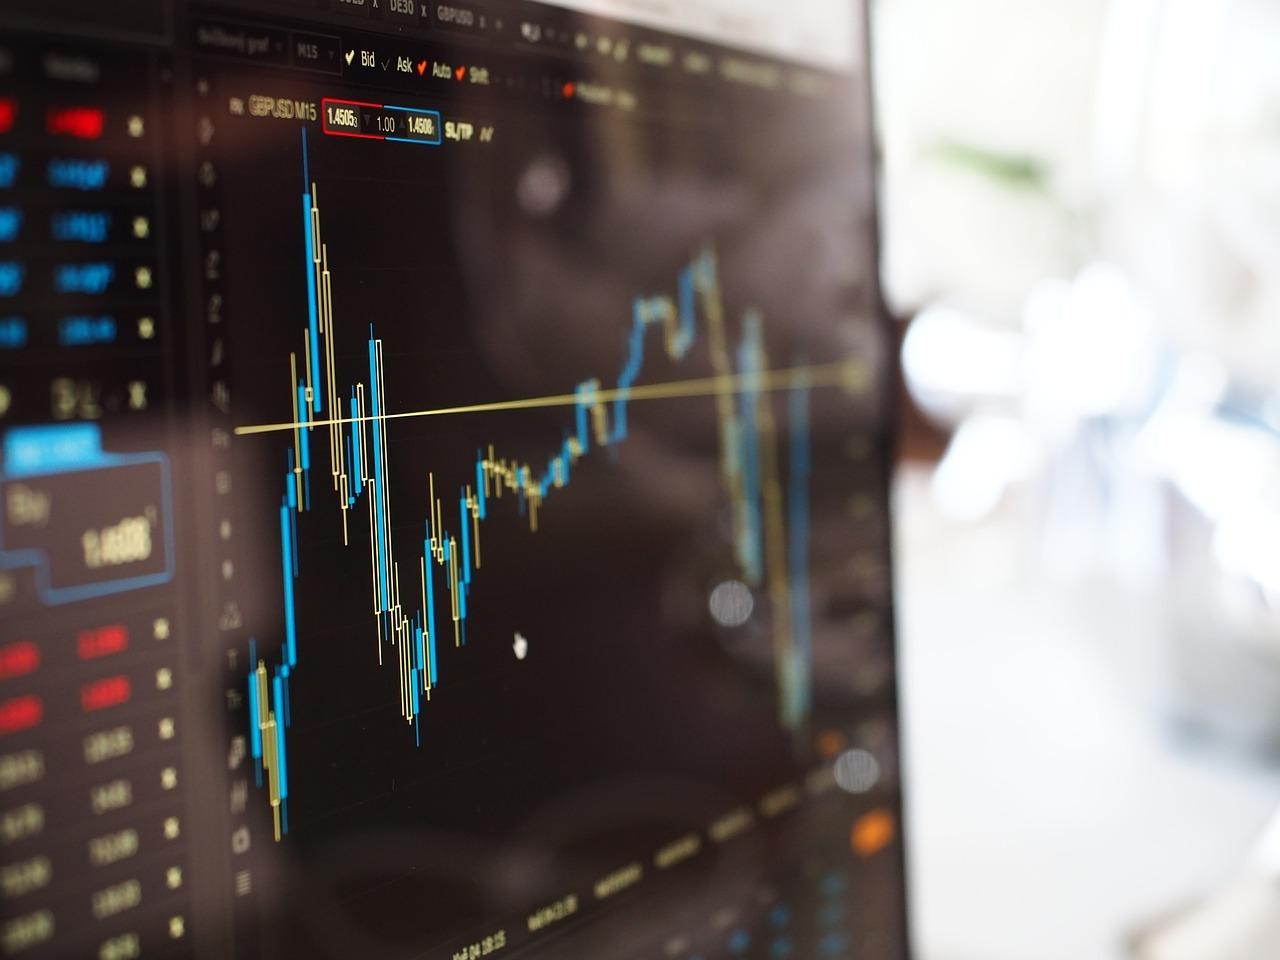 Bursa românească a înregistrat pierderi uriașe azi. Foto: Pixaba